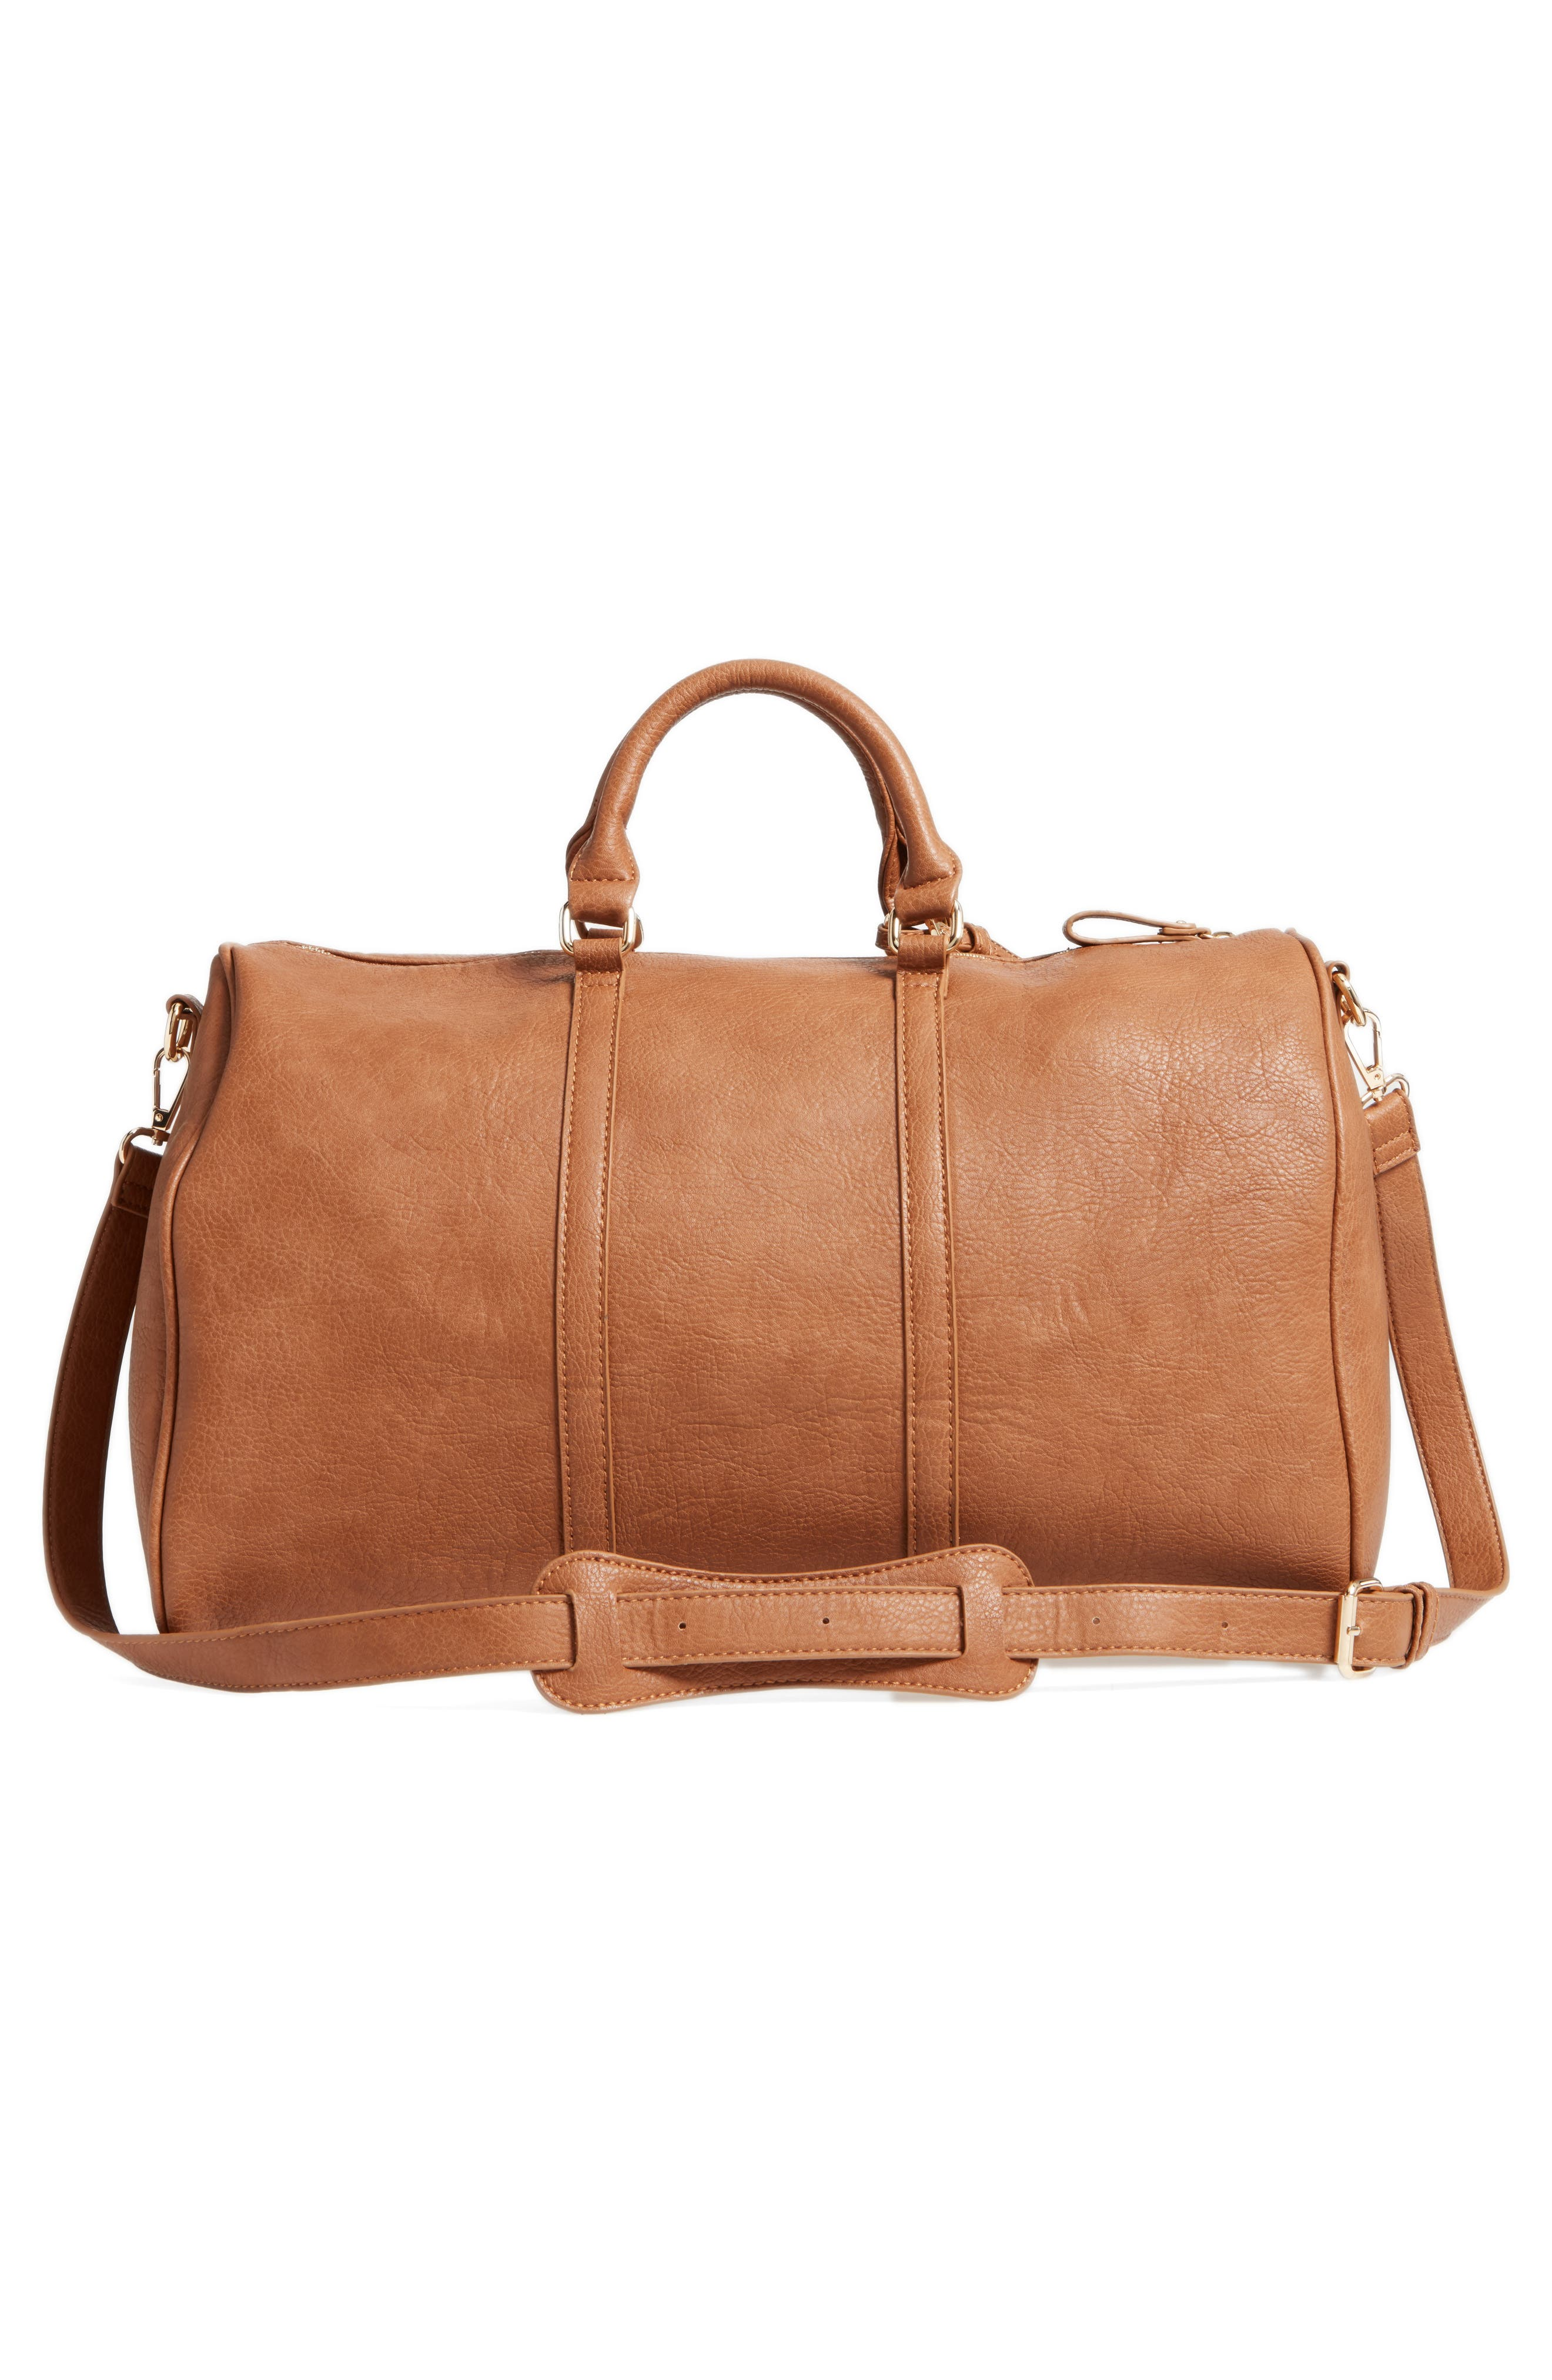 'Cassidy' Faux Leather Duffel Bag,                             Alternate thumbnail 3, color,                             COGNAC